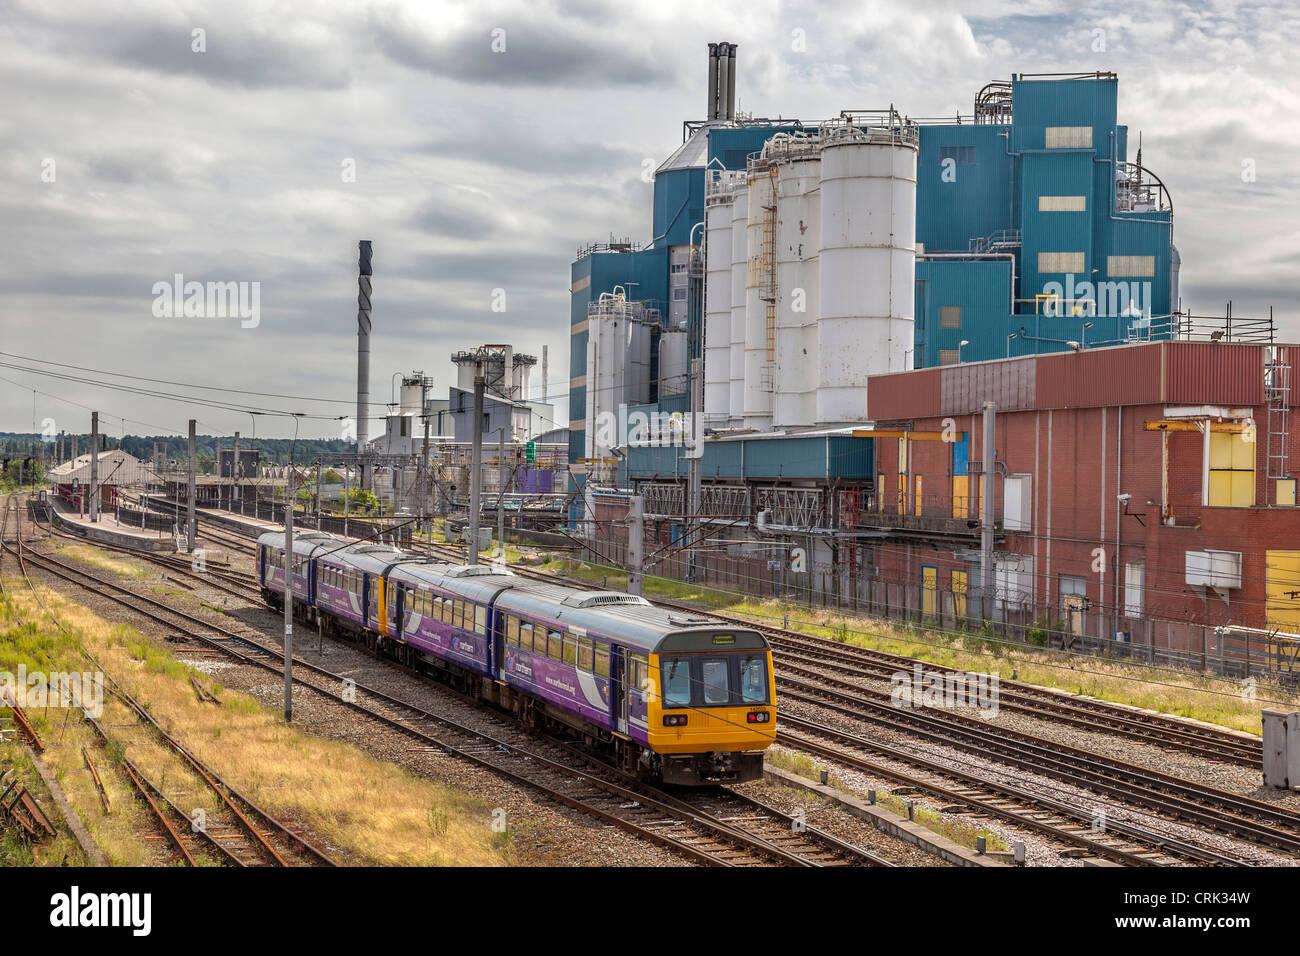 Warrington Bank Quay station avec l'usine Unilever derrière. Photo Stock